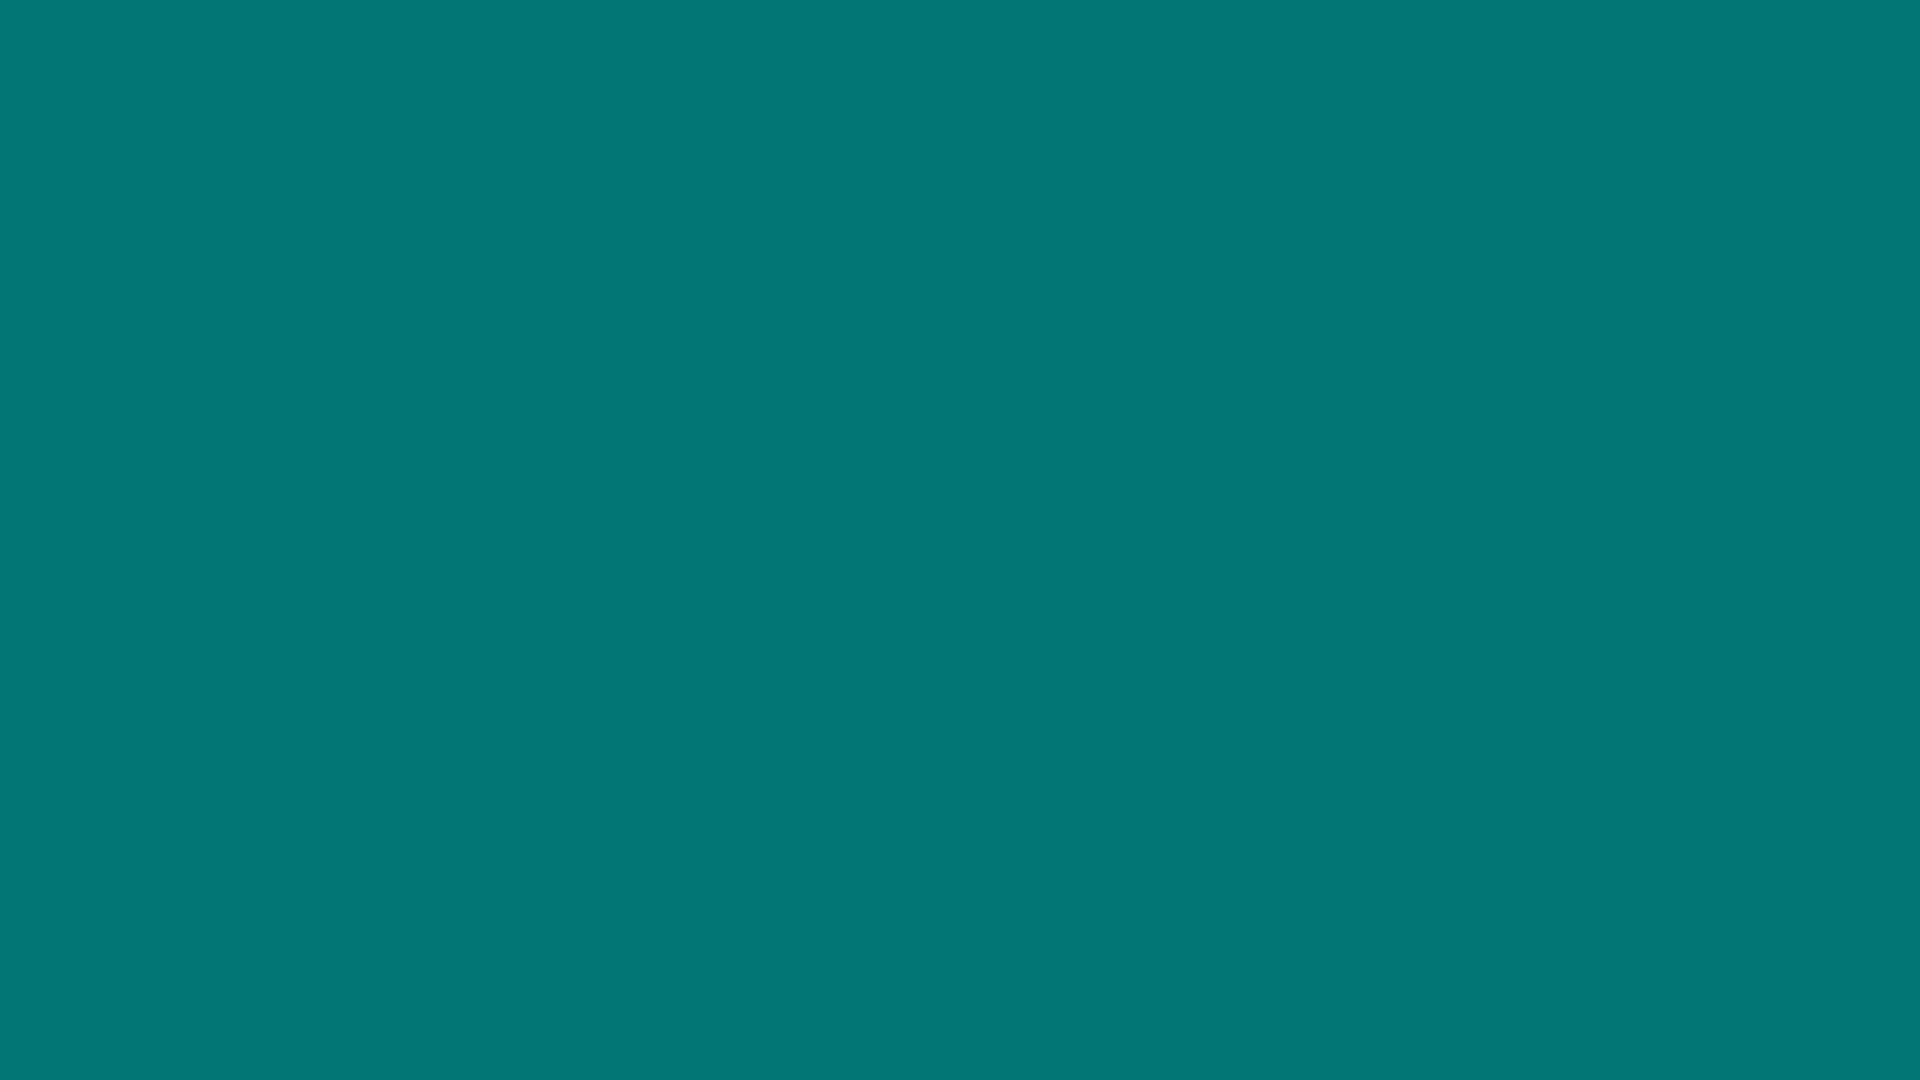 """[중앙일보] ⑨ 이제는 아시아 시대"""" – 서울대 아시아연구소 기획⑨ 하영선이 말하는 한국 안보 구상"""